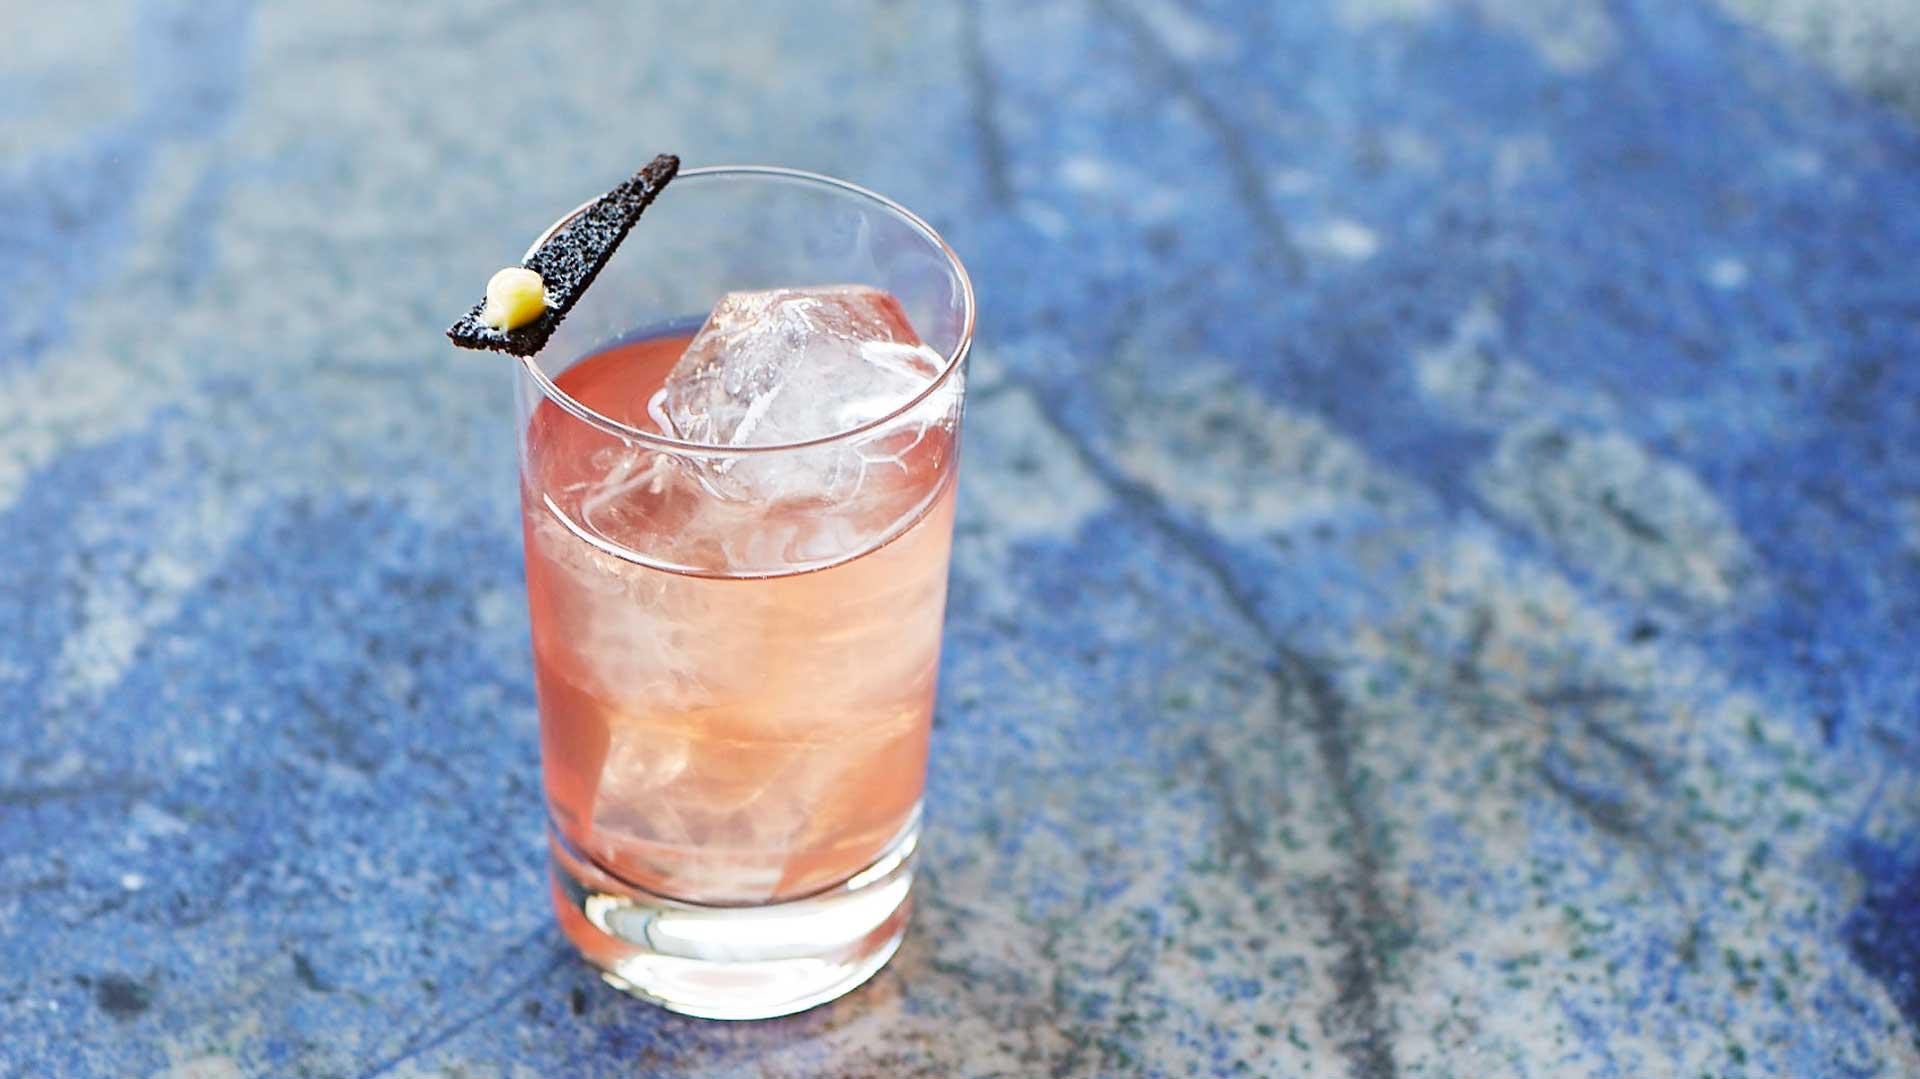 Cavendish-Americano--Harriet-Claire-migliori-cocktail-bar-Londra-Coqtail-Milano